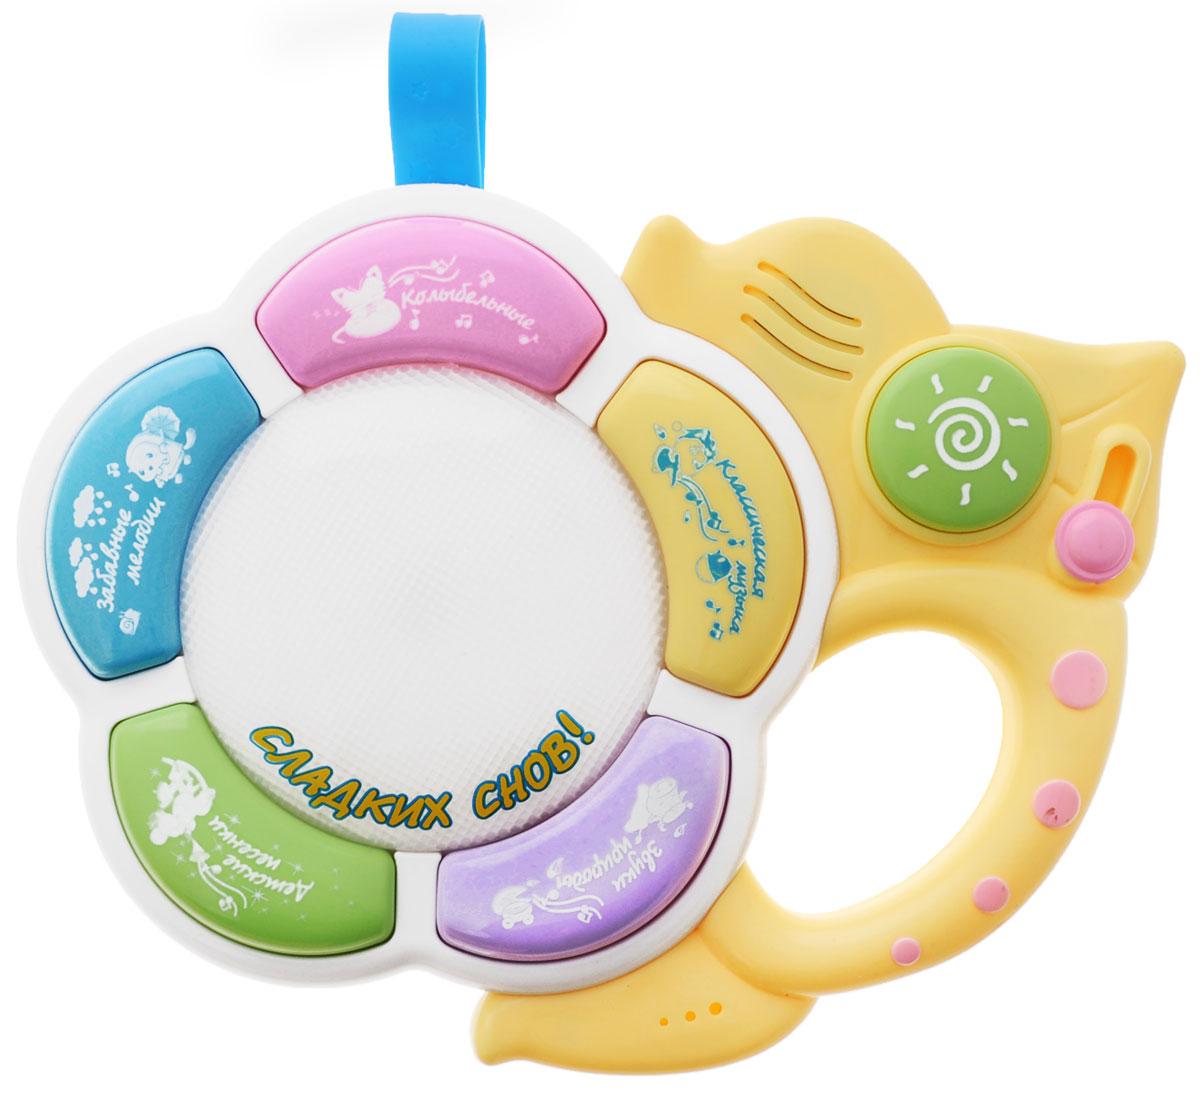 Расти малыш Развивающая игрушка КолыбельнаяWD3609Развивающая игрушка Колыбельная со звуковыми и световыми эффектами, непременно понравится вашему малышу и станет для него любимой игрушкой. Колыбельная - это ночник, который выполнен из безопасных для малыша материалов. Он не имеет острых углов, легко включается и выключается. Ночник можно прикрепить к кроватке с помощью специальной пластиковой ленты, которая регулируется по длине. Он имеет мягкий переливающийся свет. В ассортименте музыкальных фрагментов ночника есть звуки природы, спокойные убаюкивающие мелодии и классическая музыка, а также веселая ритмичная музыка для тех, кто уже проснулся. Вы можете регулировать громкость и длительность проигрывания мелодии: 5, 10 или 15 минут. Работает Колыбельная от батареек. Игрушка притягивает внимание ребенка, благоприятно влияет на его зрительное и слуховое восприятие, мелкую моторику. Порадуйте своего ребенка таким замечательным подарком! Для работы необходимо 3 батарейки типа АА (комплектуется...